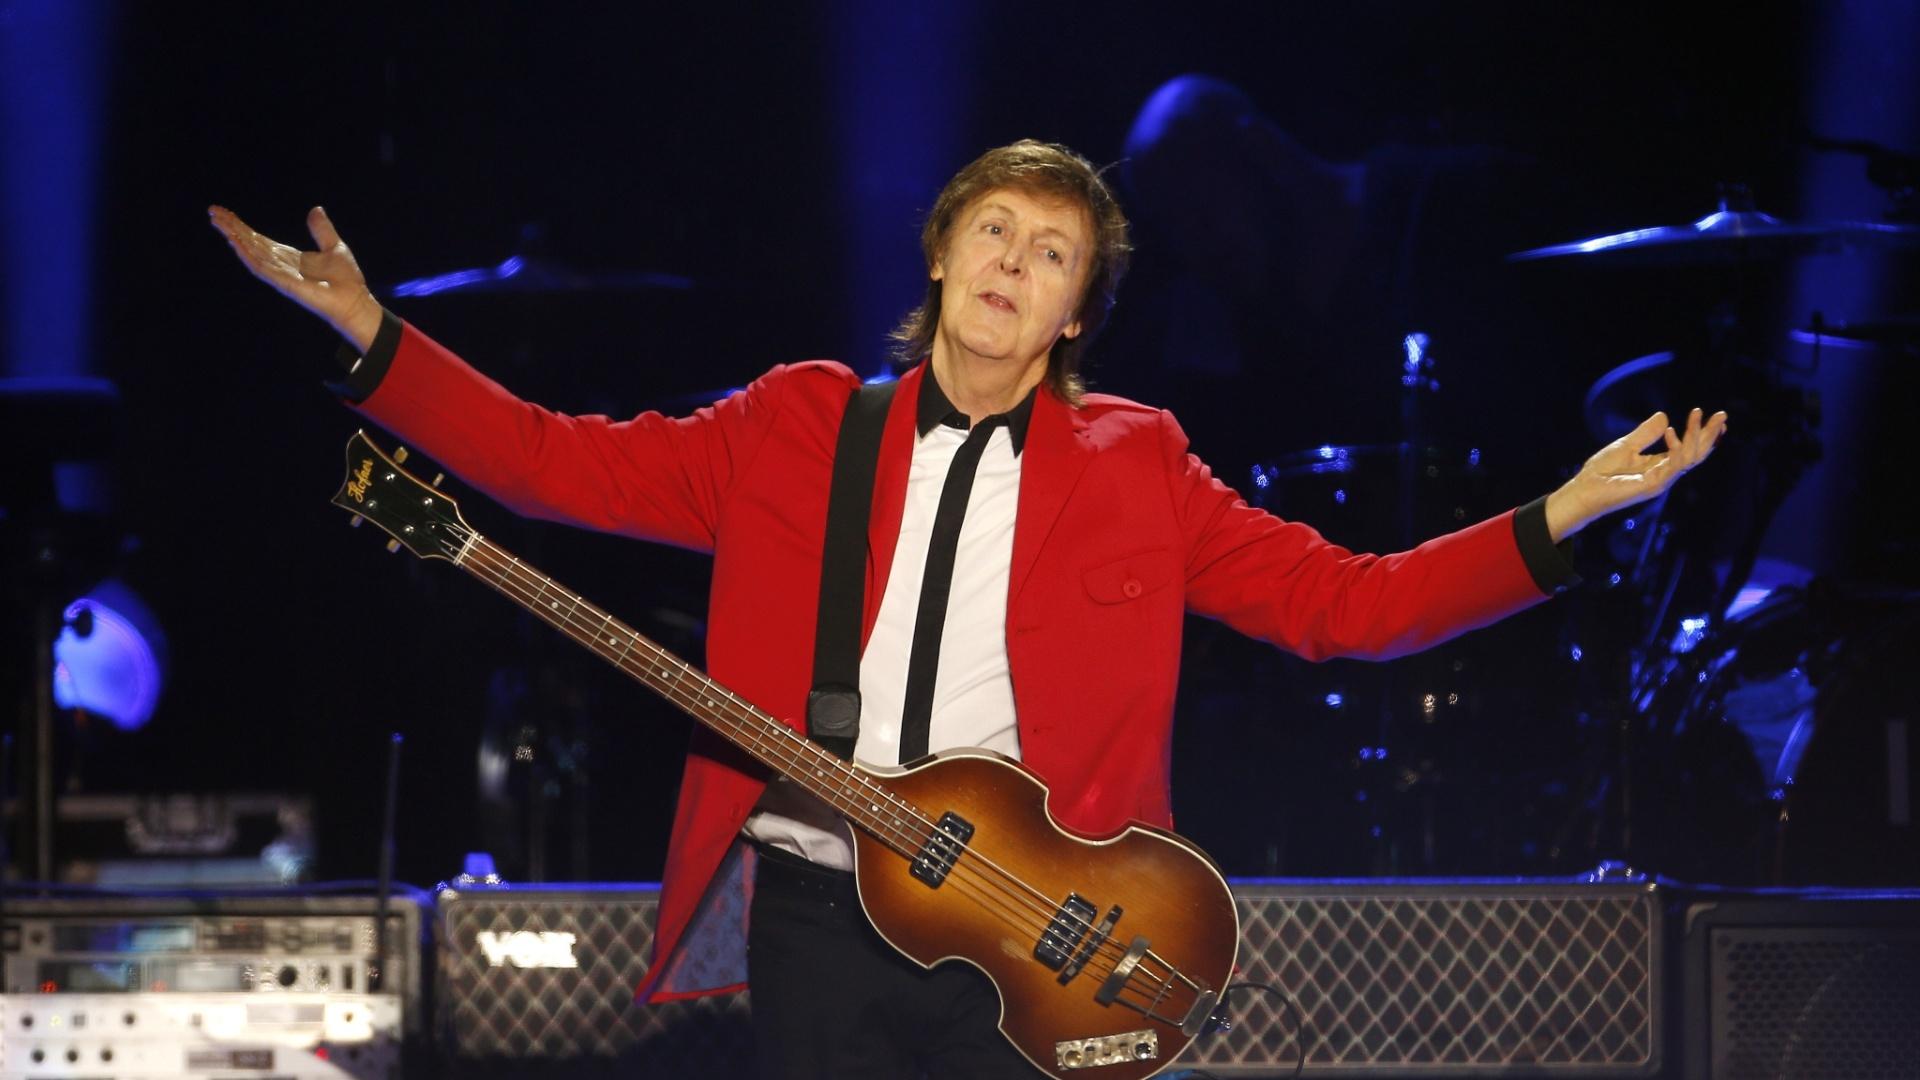 23.nov.2014 - Em seu terceiro show da turnê Out There no Brasil, Paul McCartney apresenta no Estádio Mané Garrincha, em Brasília sucessos dos Beatles, como